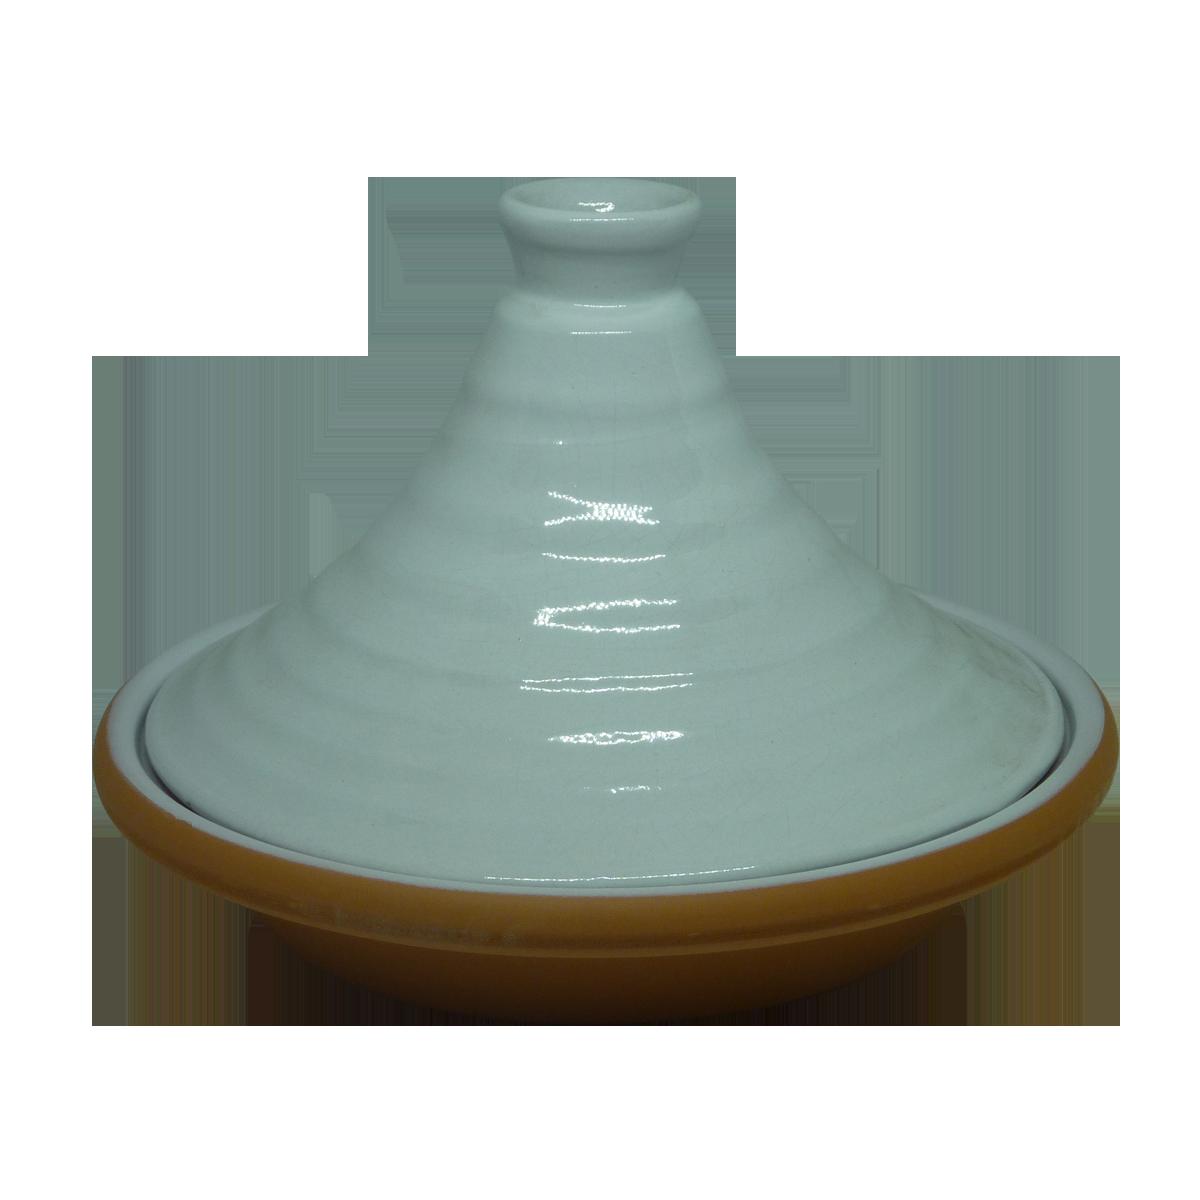 Esprit Cuistot - Tajine individuel Blanc nature en céramique 21 cm